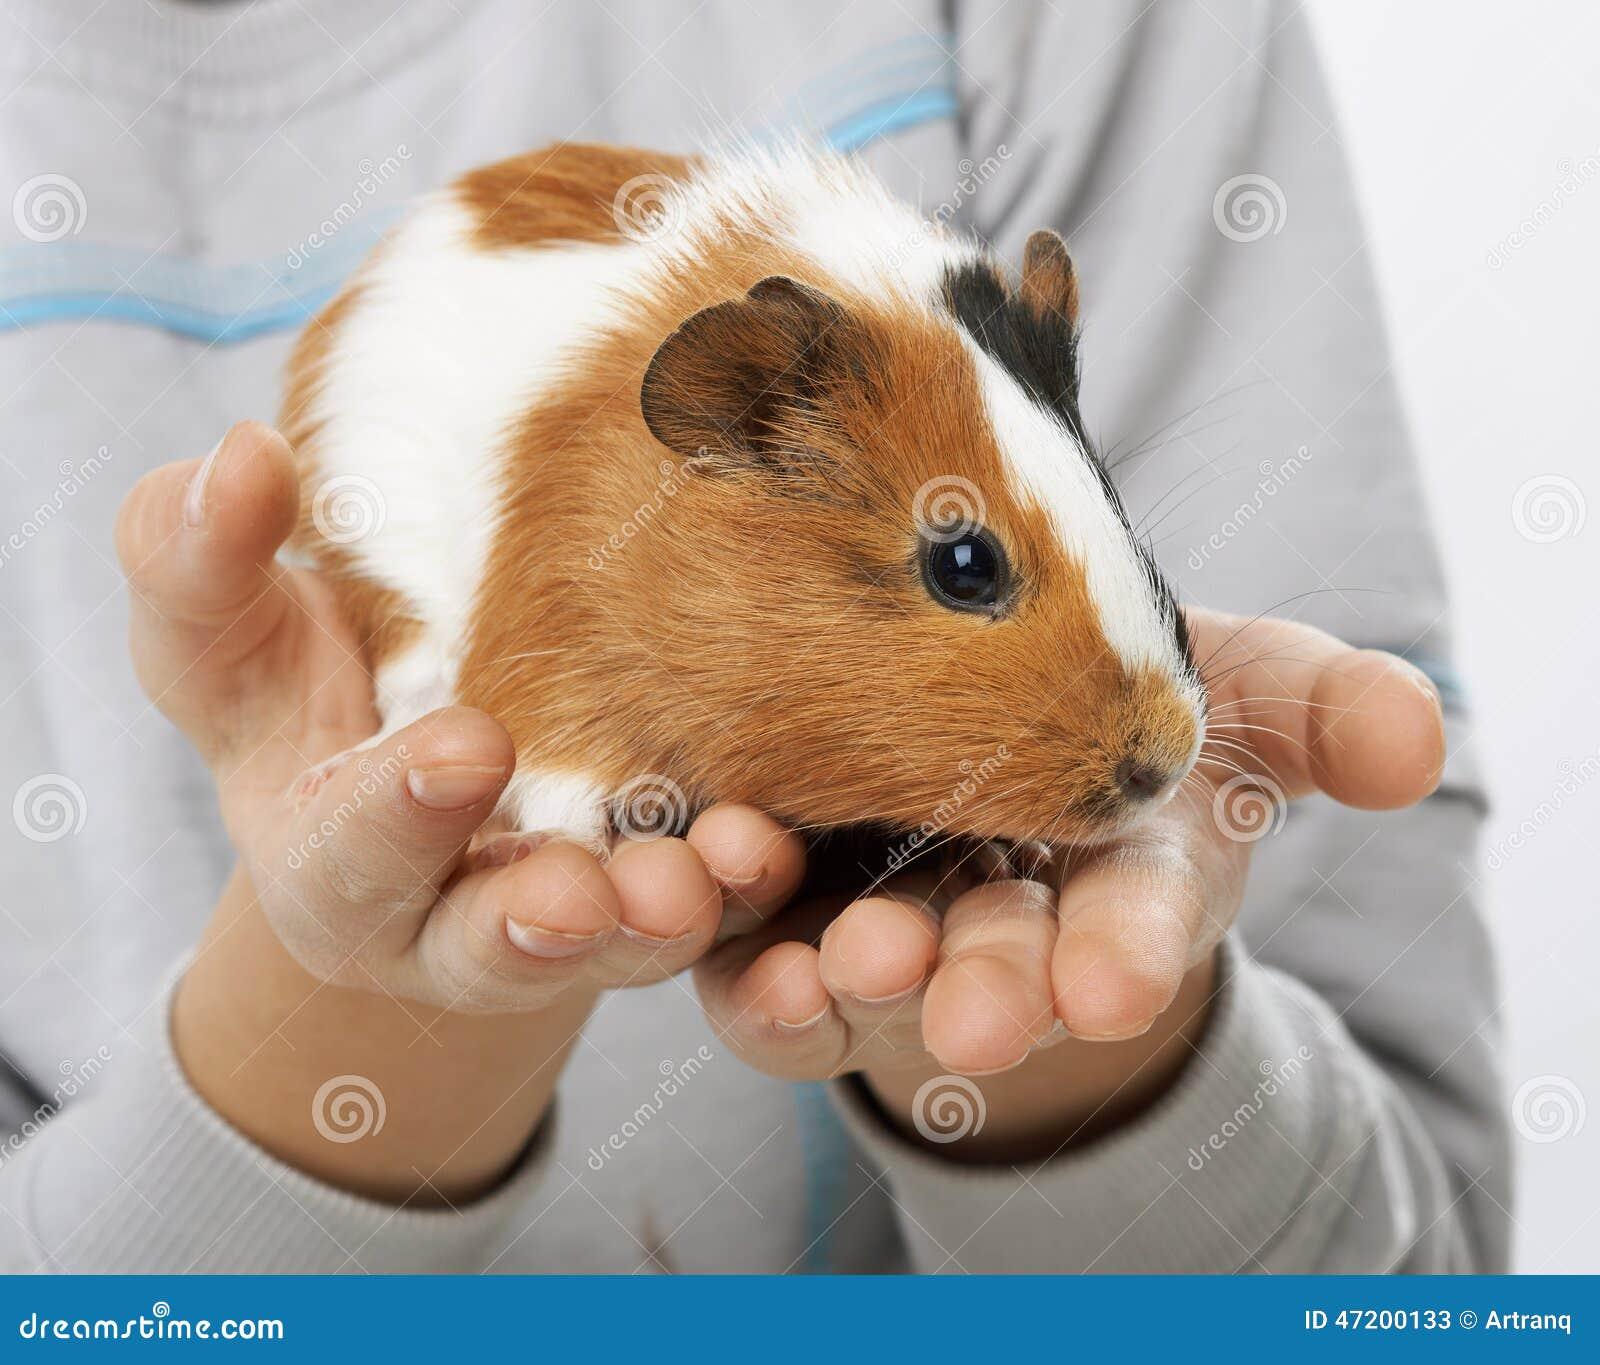 Proefkonijn in de handen van een jongen